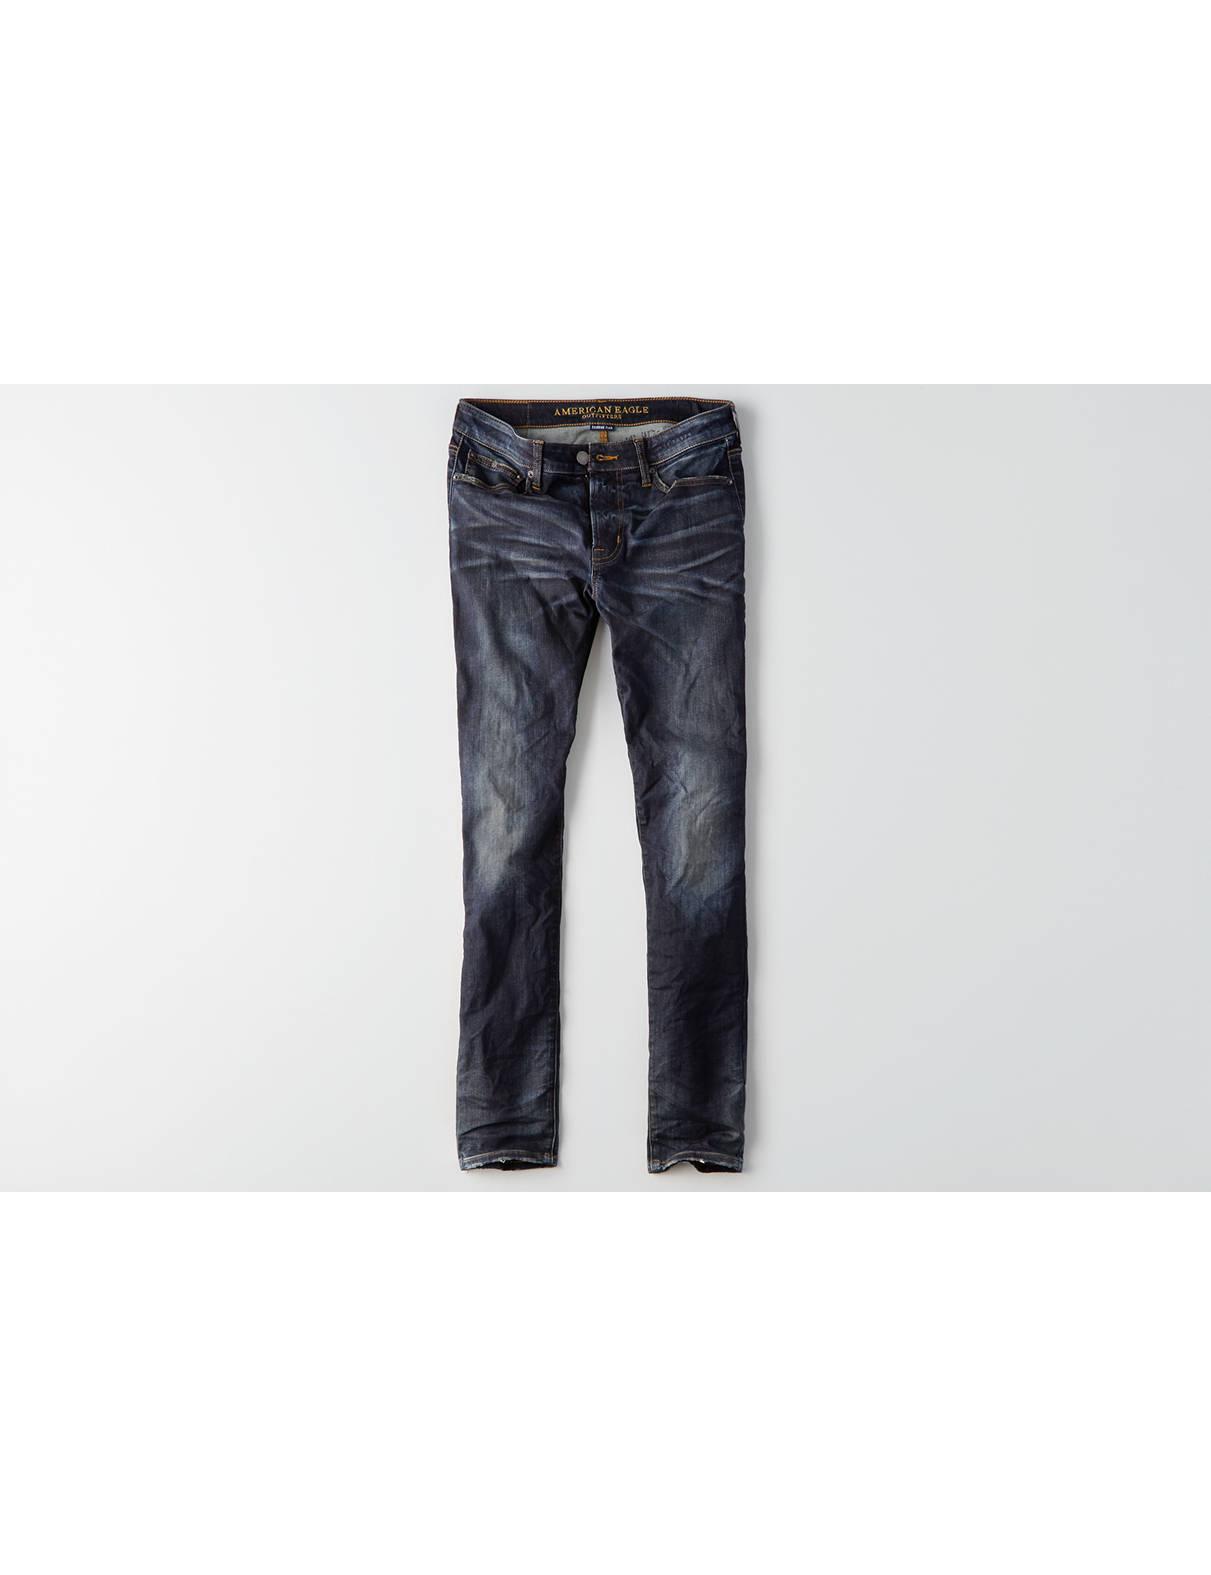 Jeans 33 34 herren